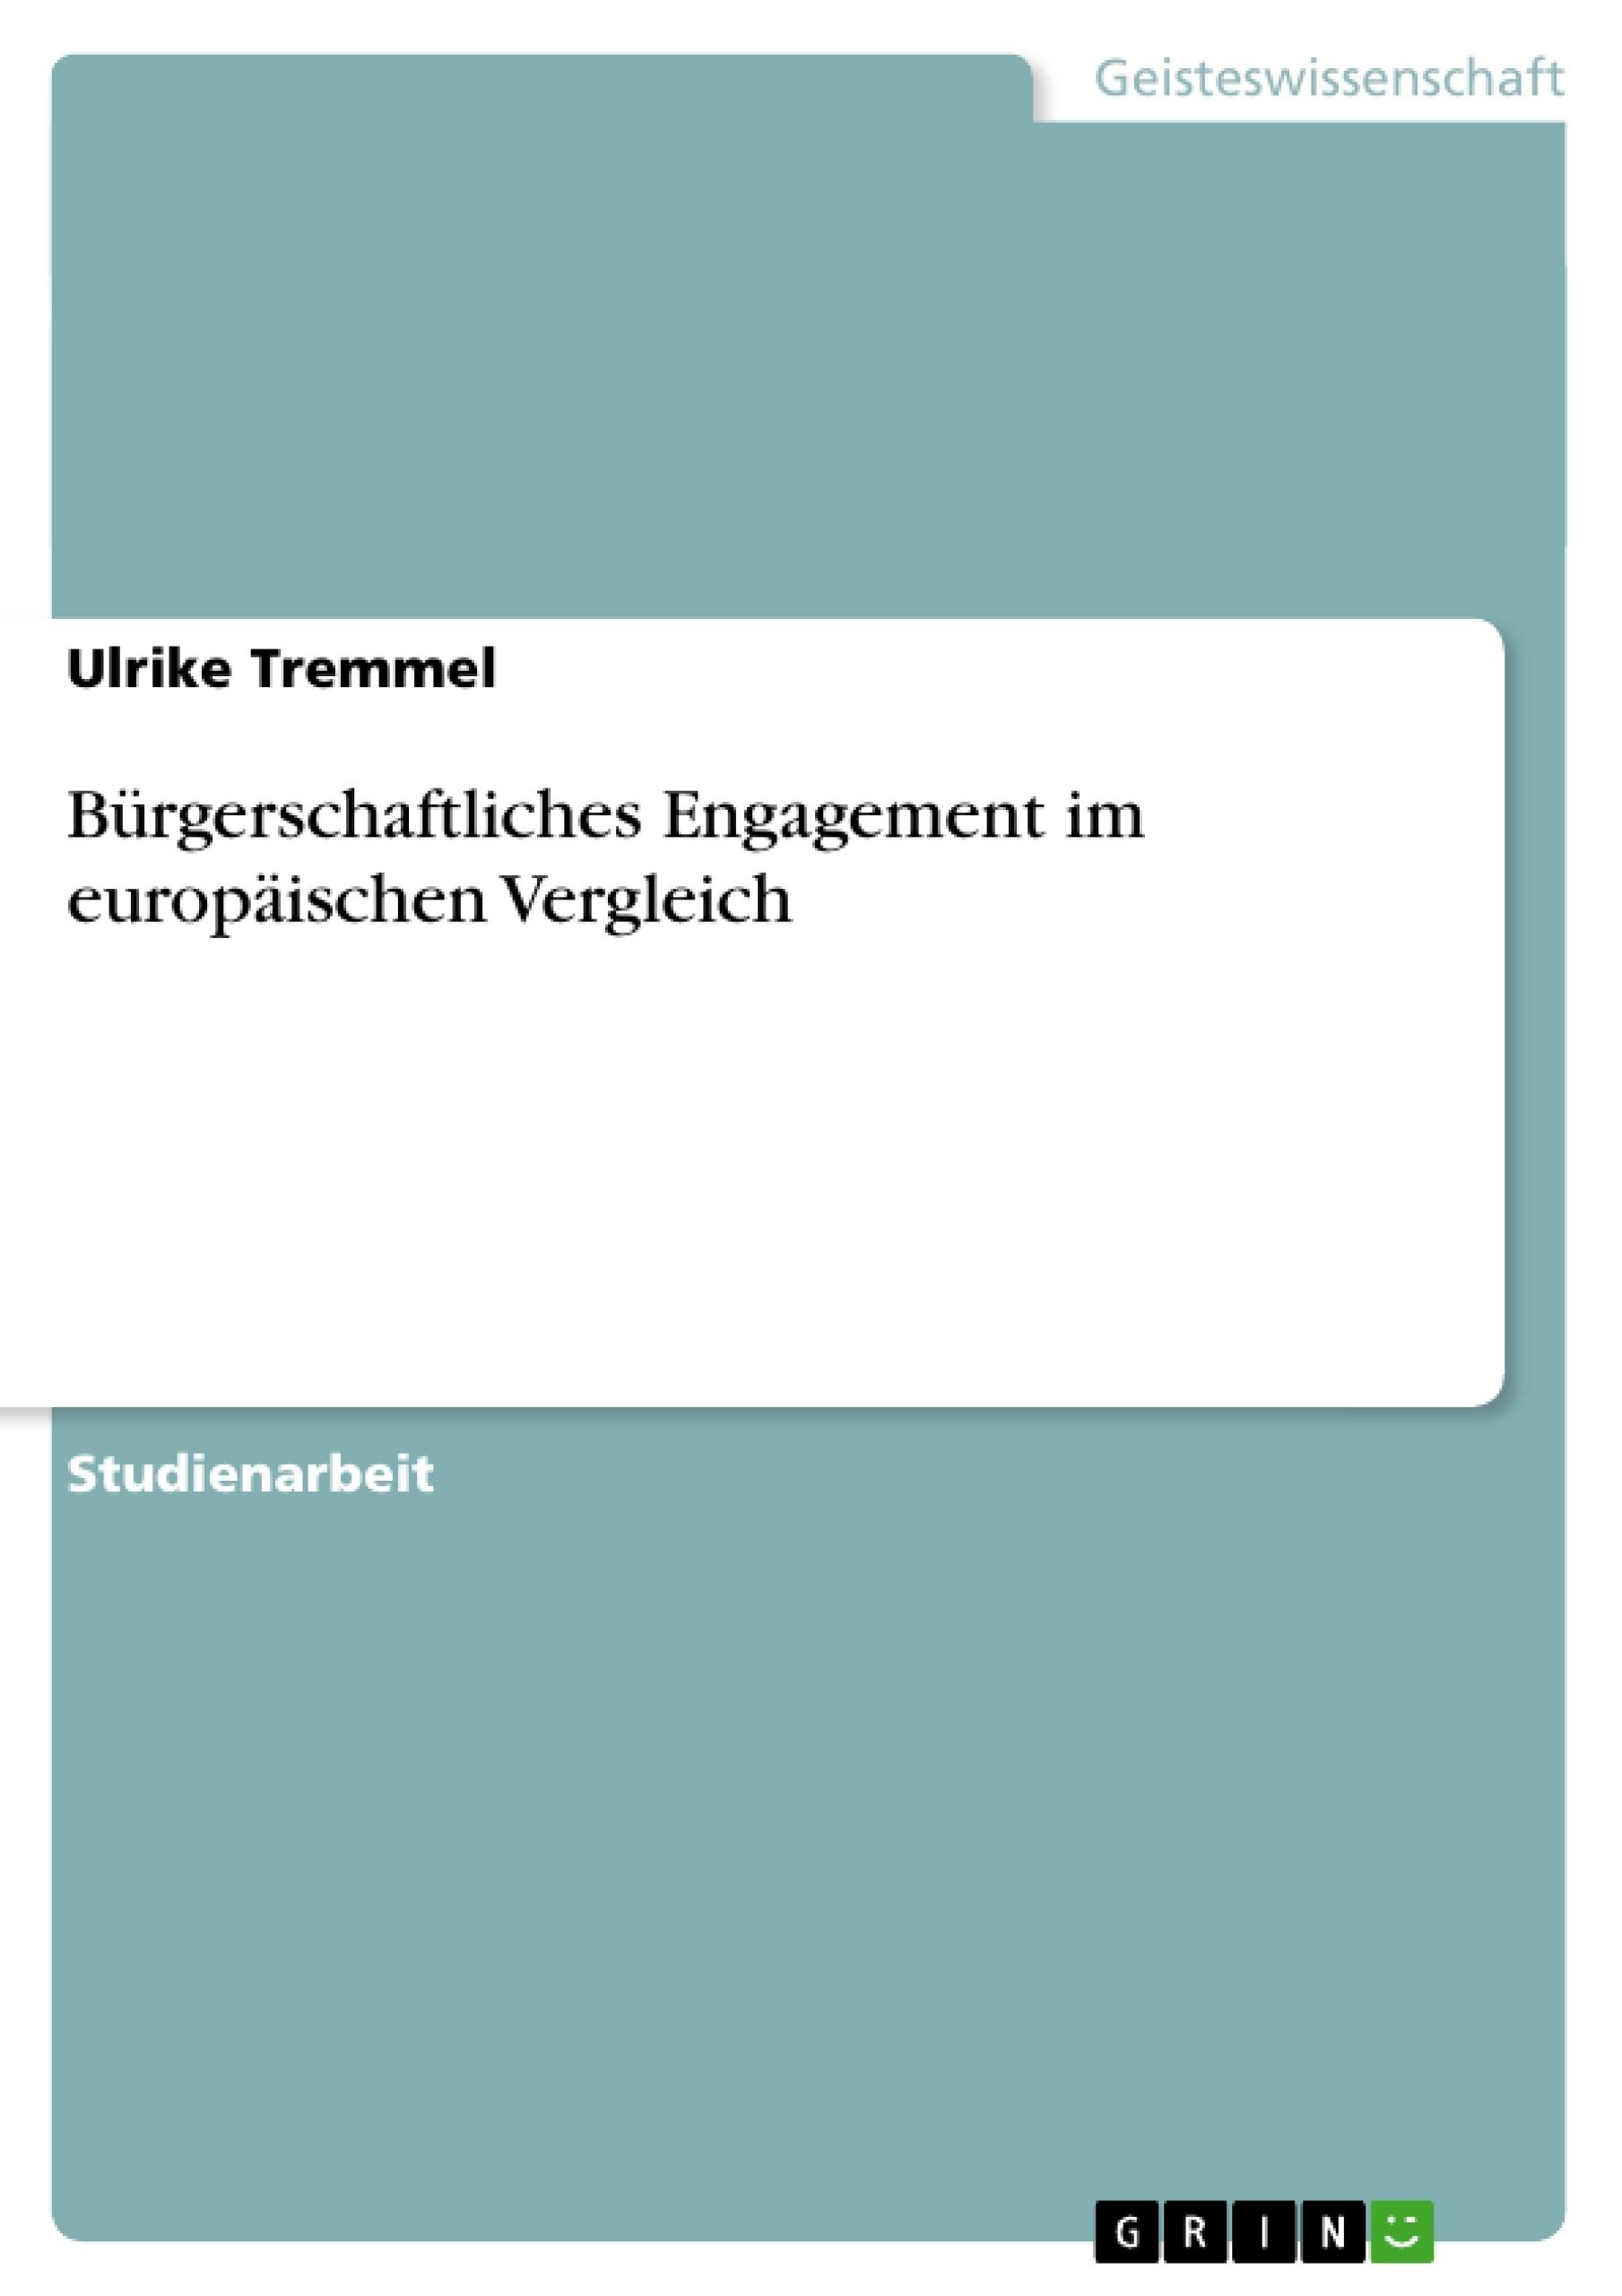 Titel: Bürgerschaftliches Engagement im europäischen Vergleich